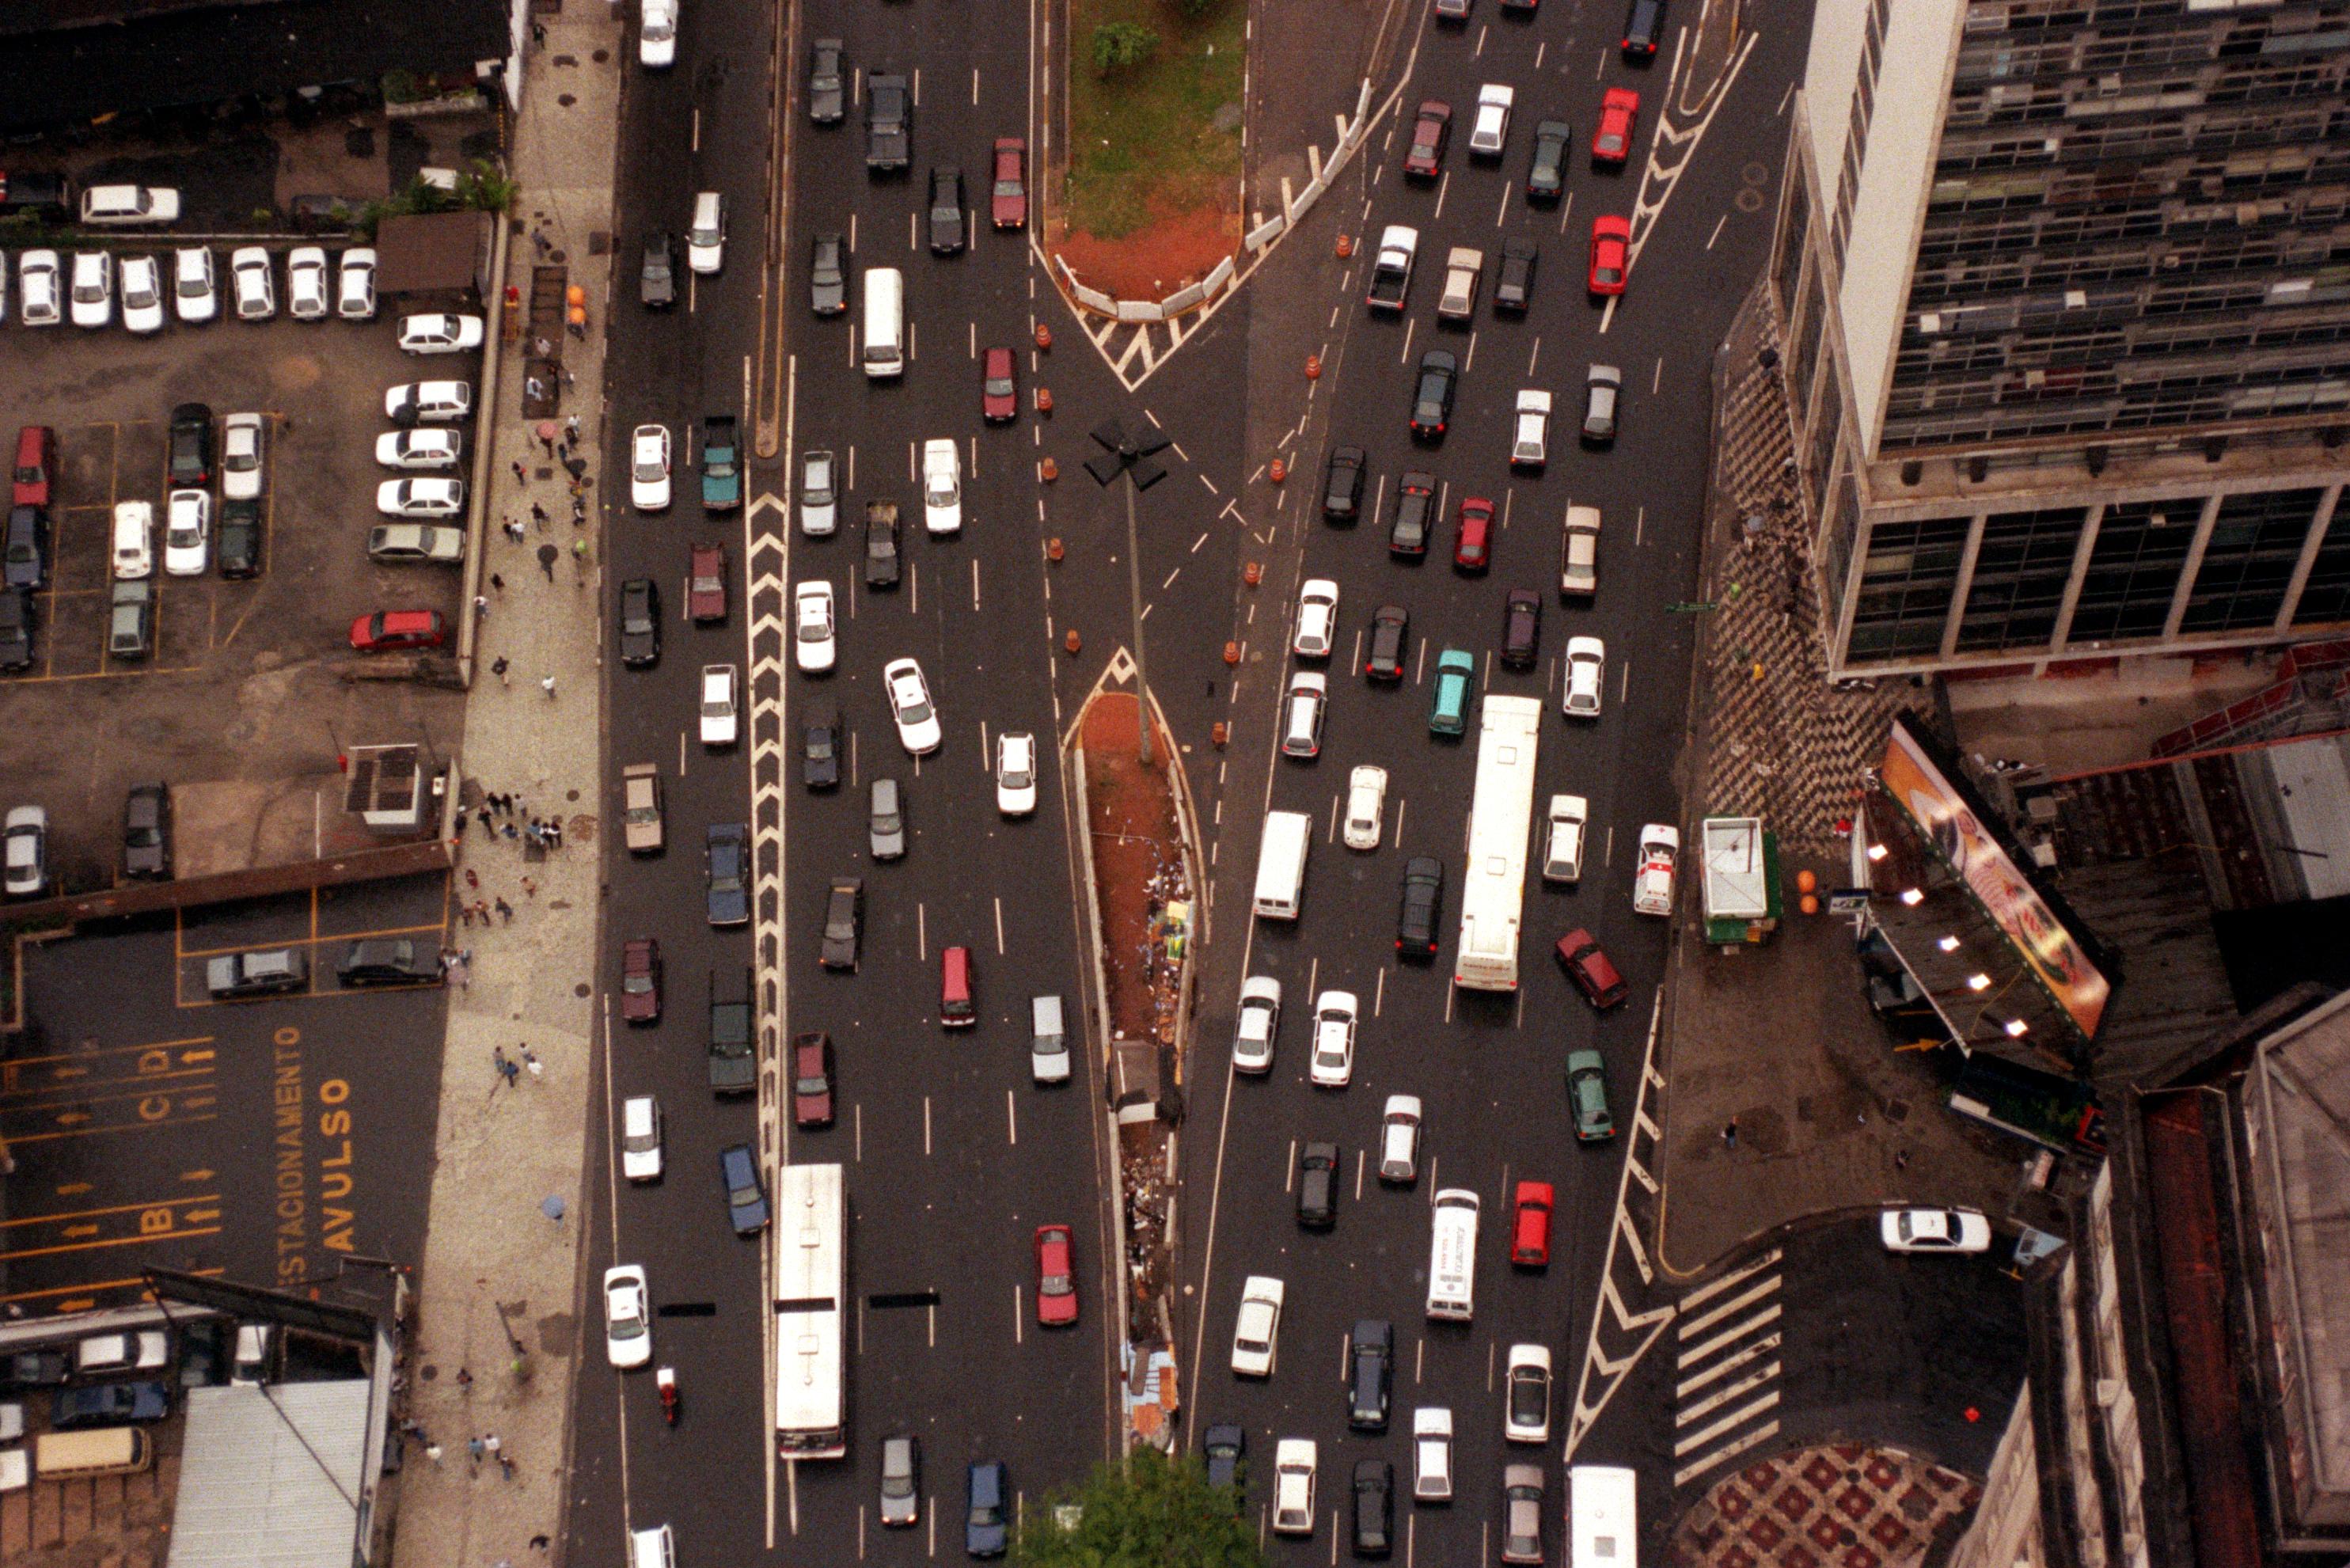 Vista aérea do trânsito caótico e poluente da cidade de São Paulo